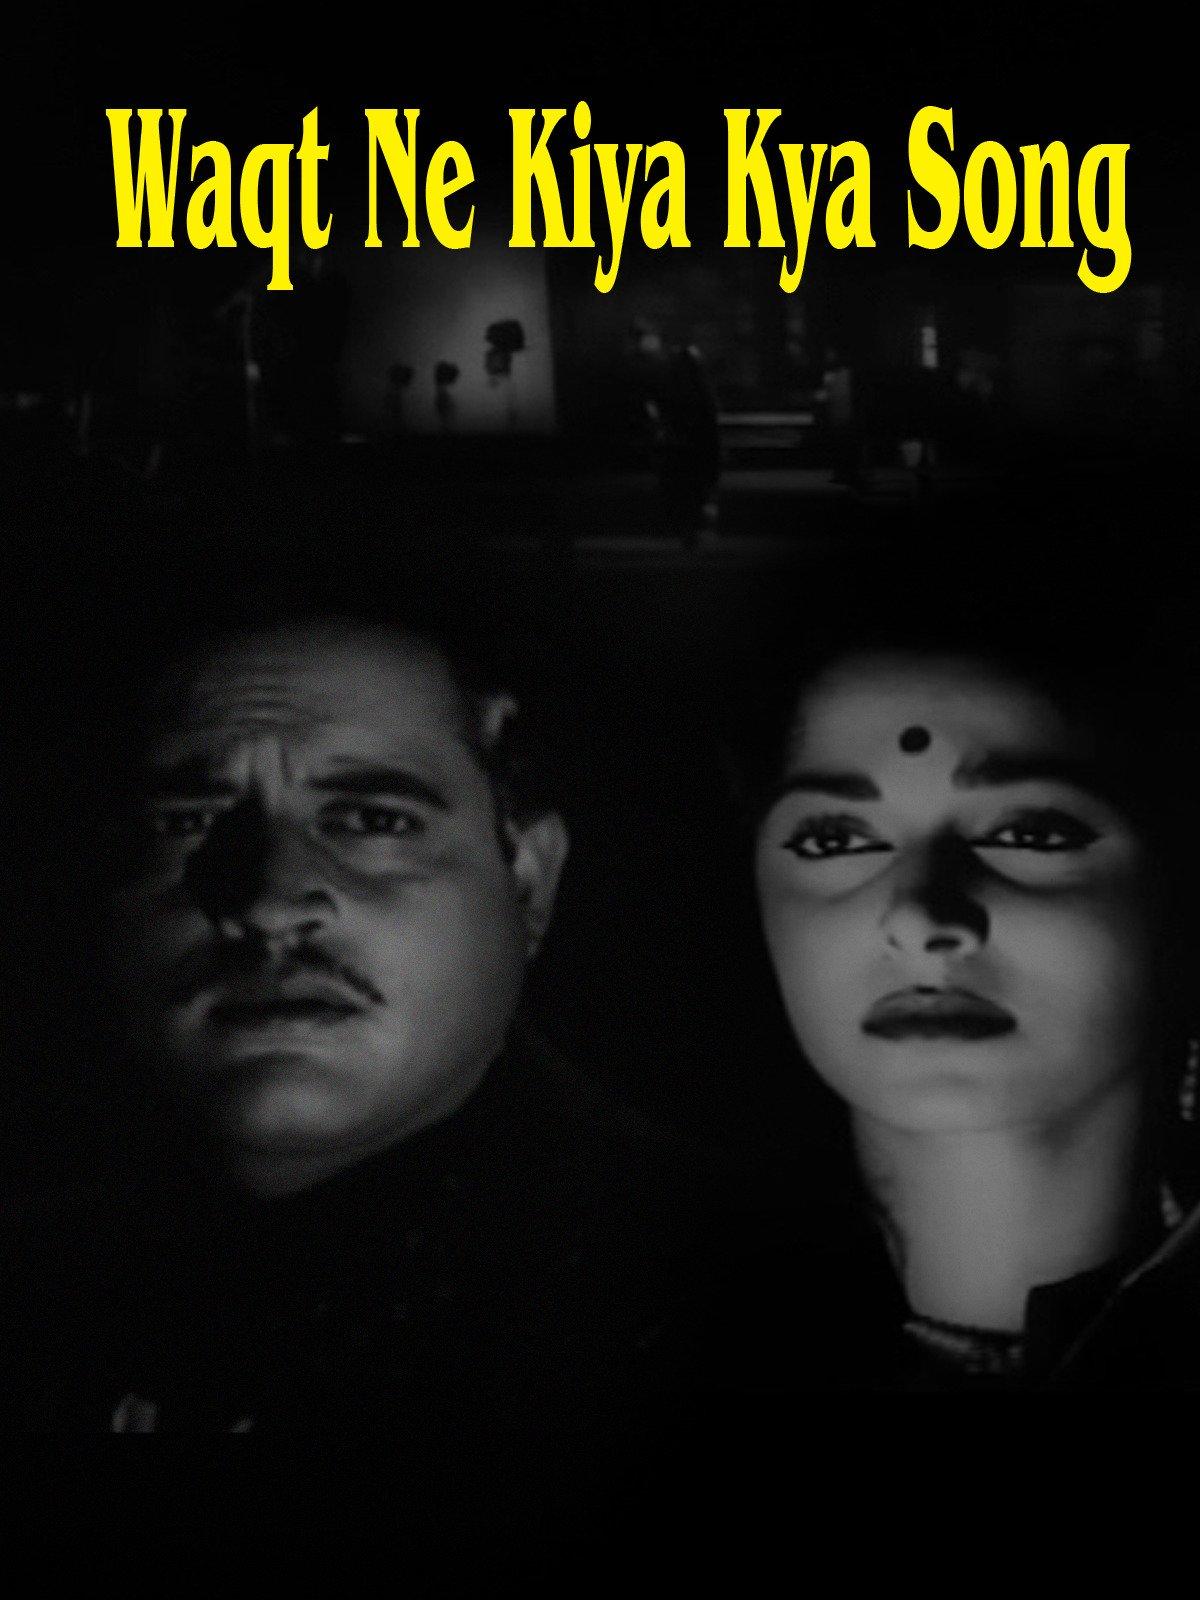 Waqt Ne Kiya Kya Song